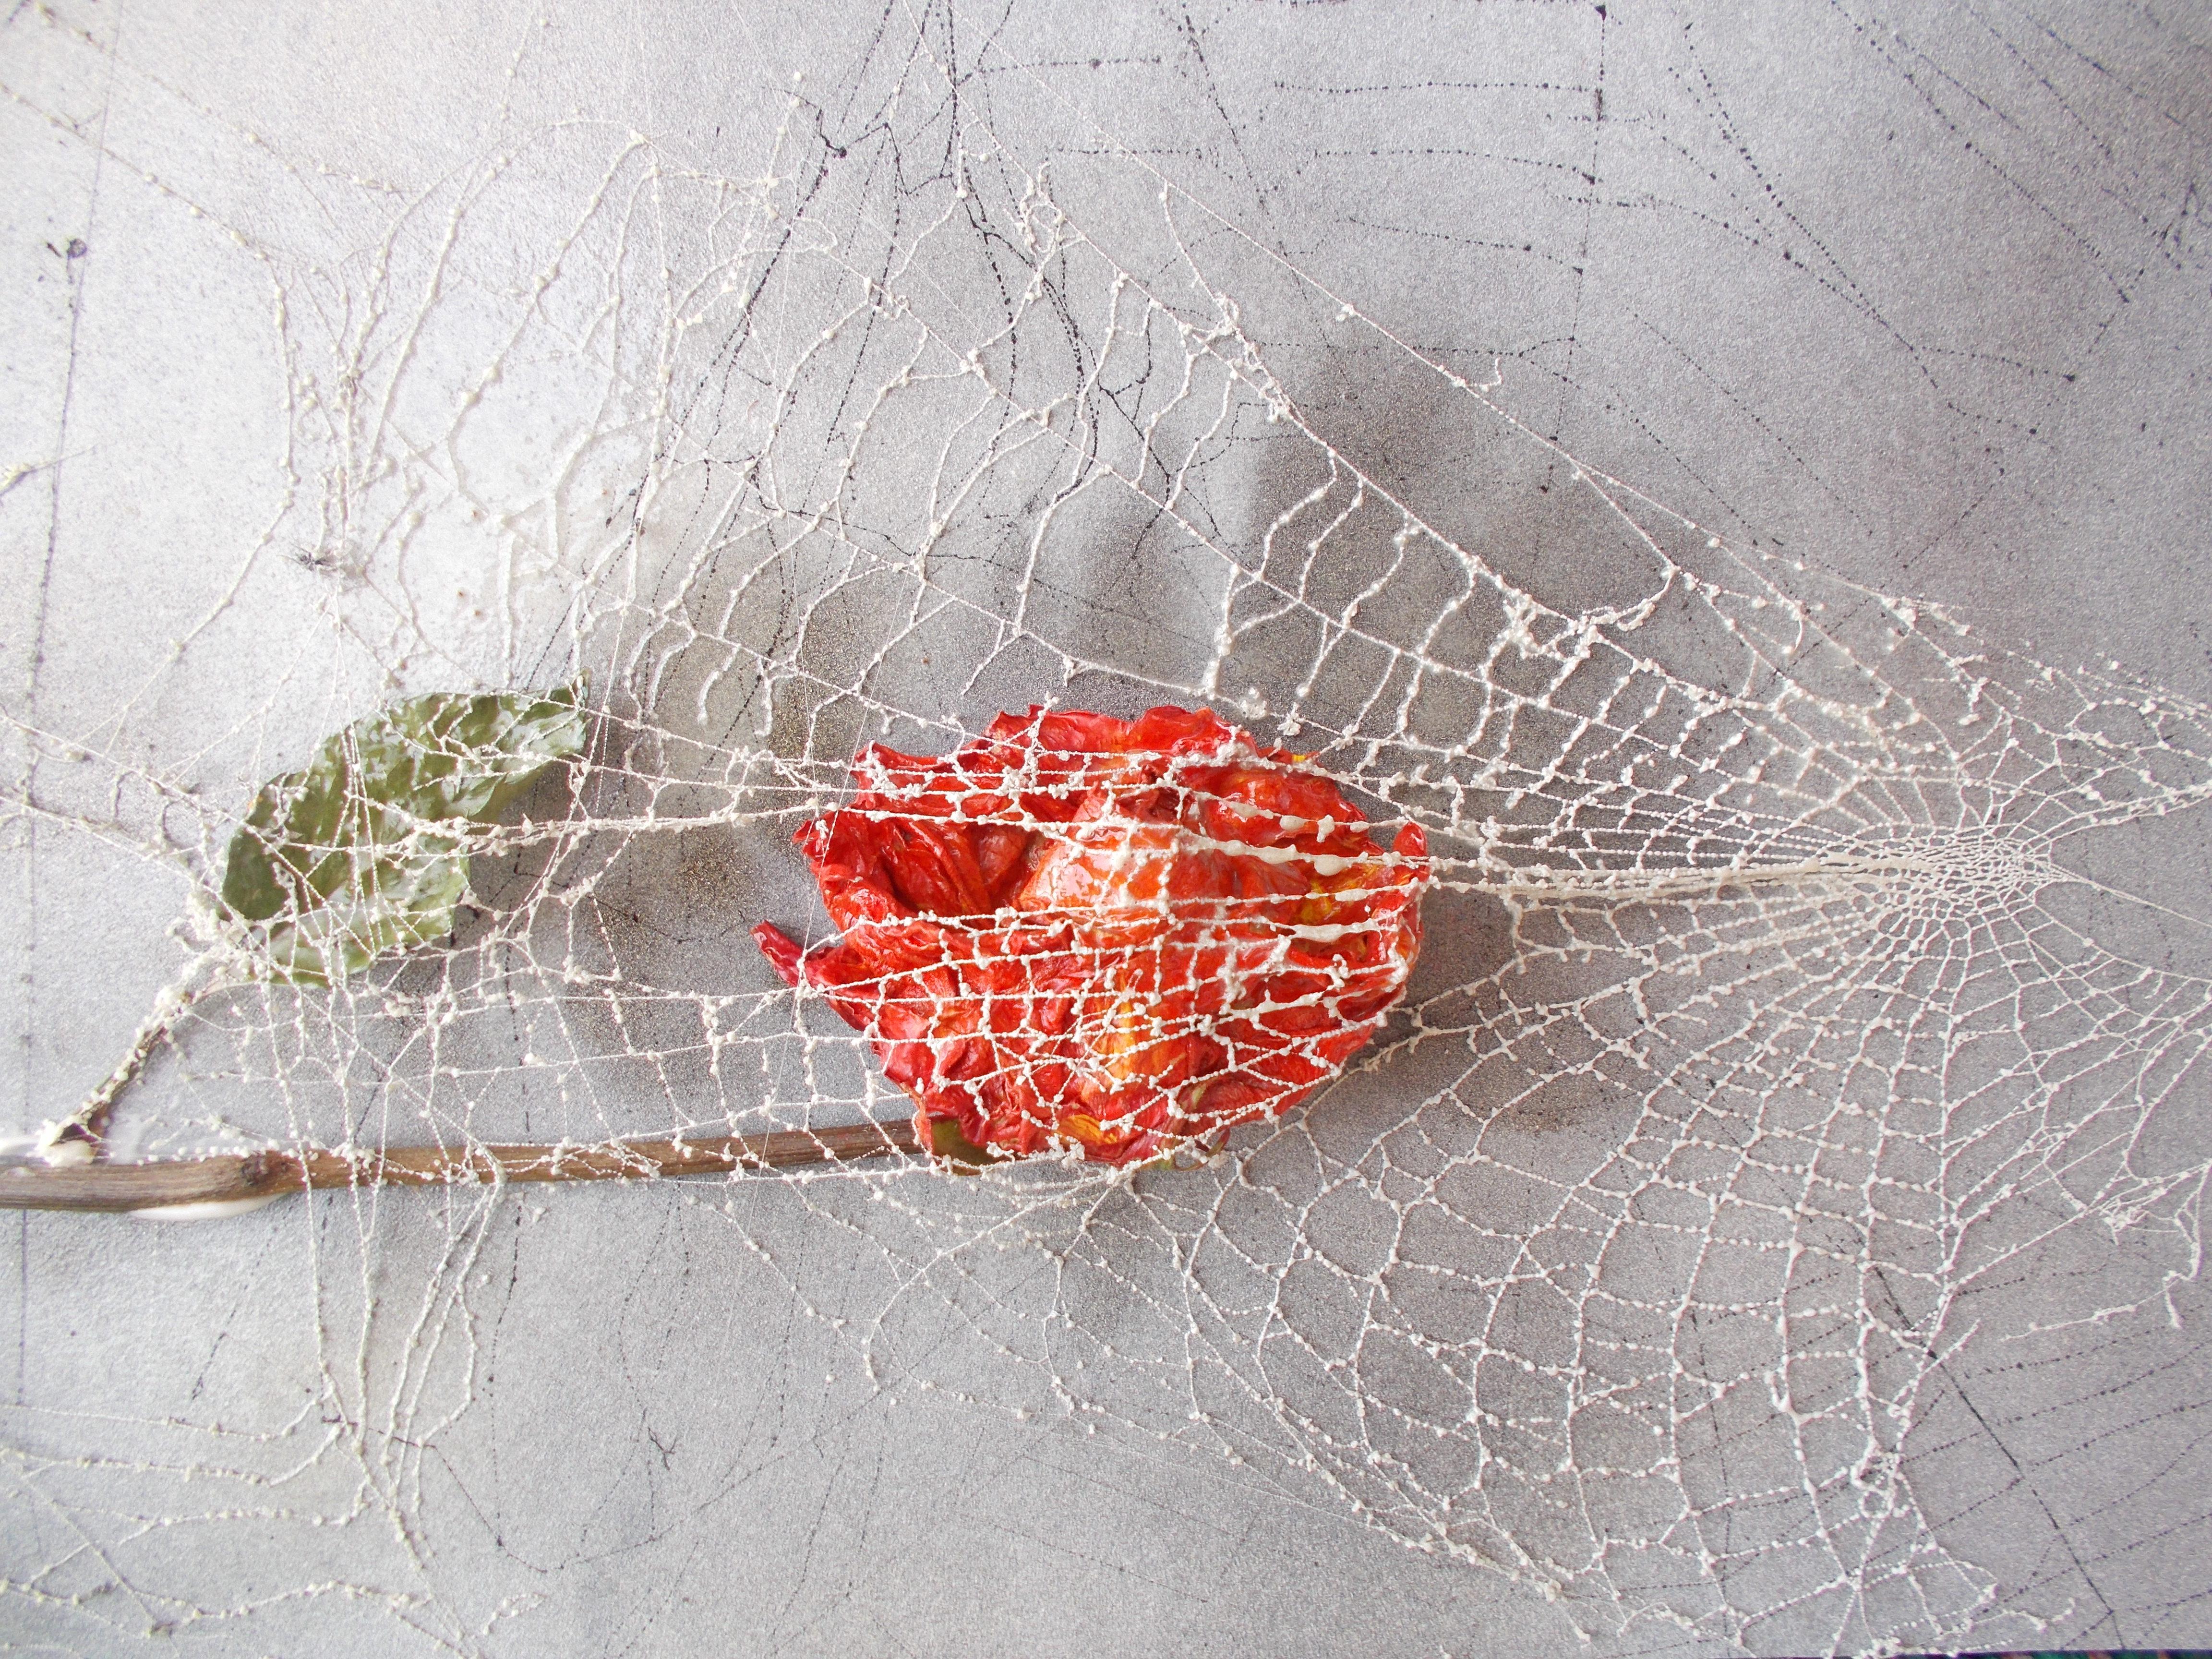 vernetzte Rose Ausschnitt